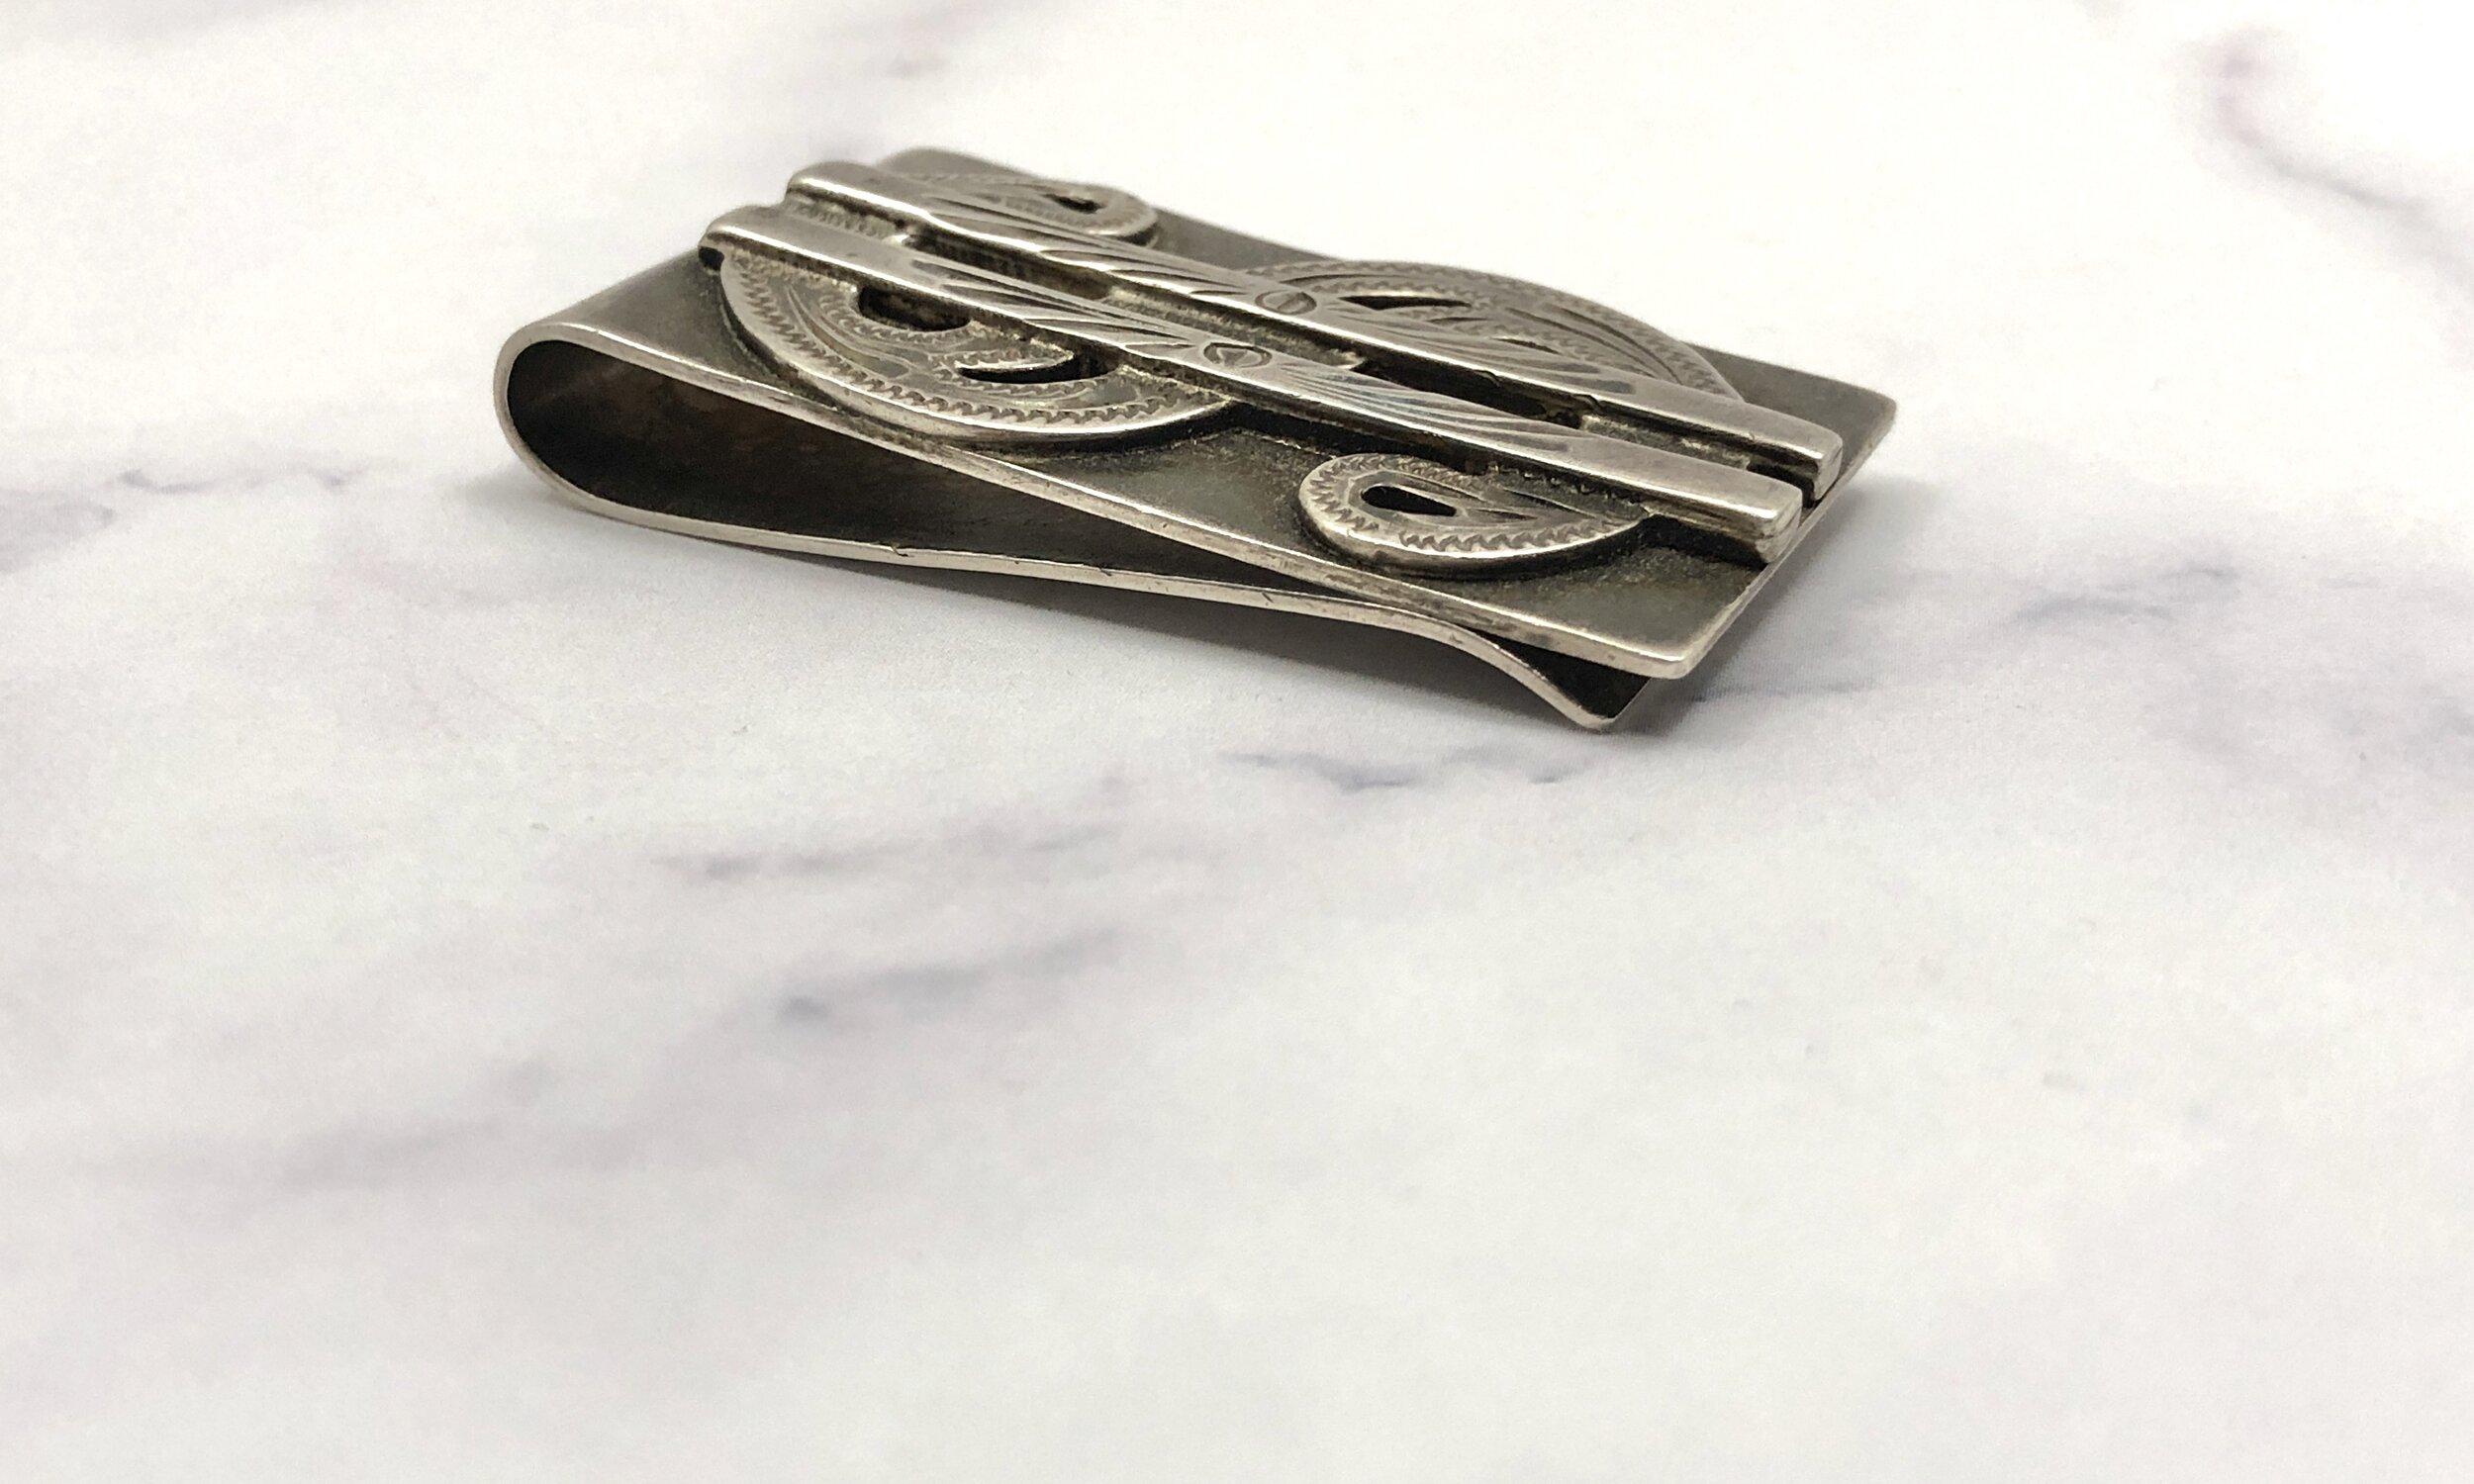 Vintage Etched Sterling Money Clip, Vintage Sterling Silver Etched Dollar Sign Money Clip